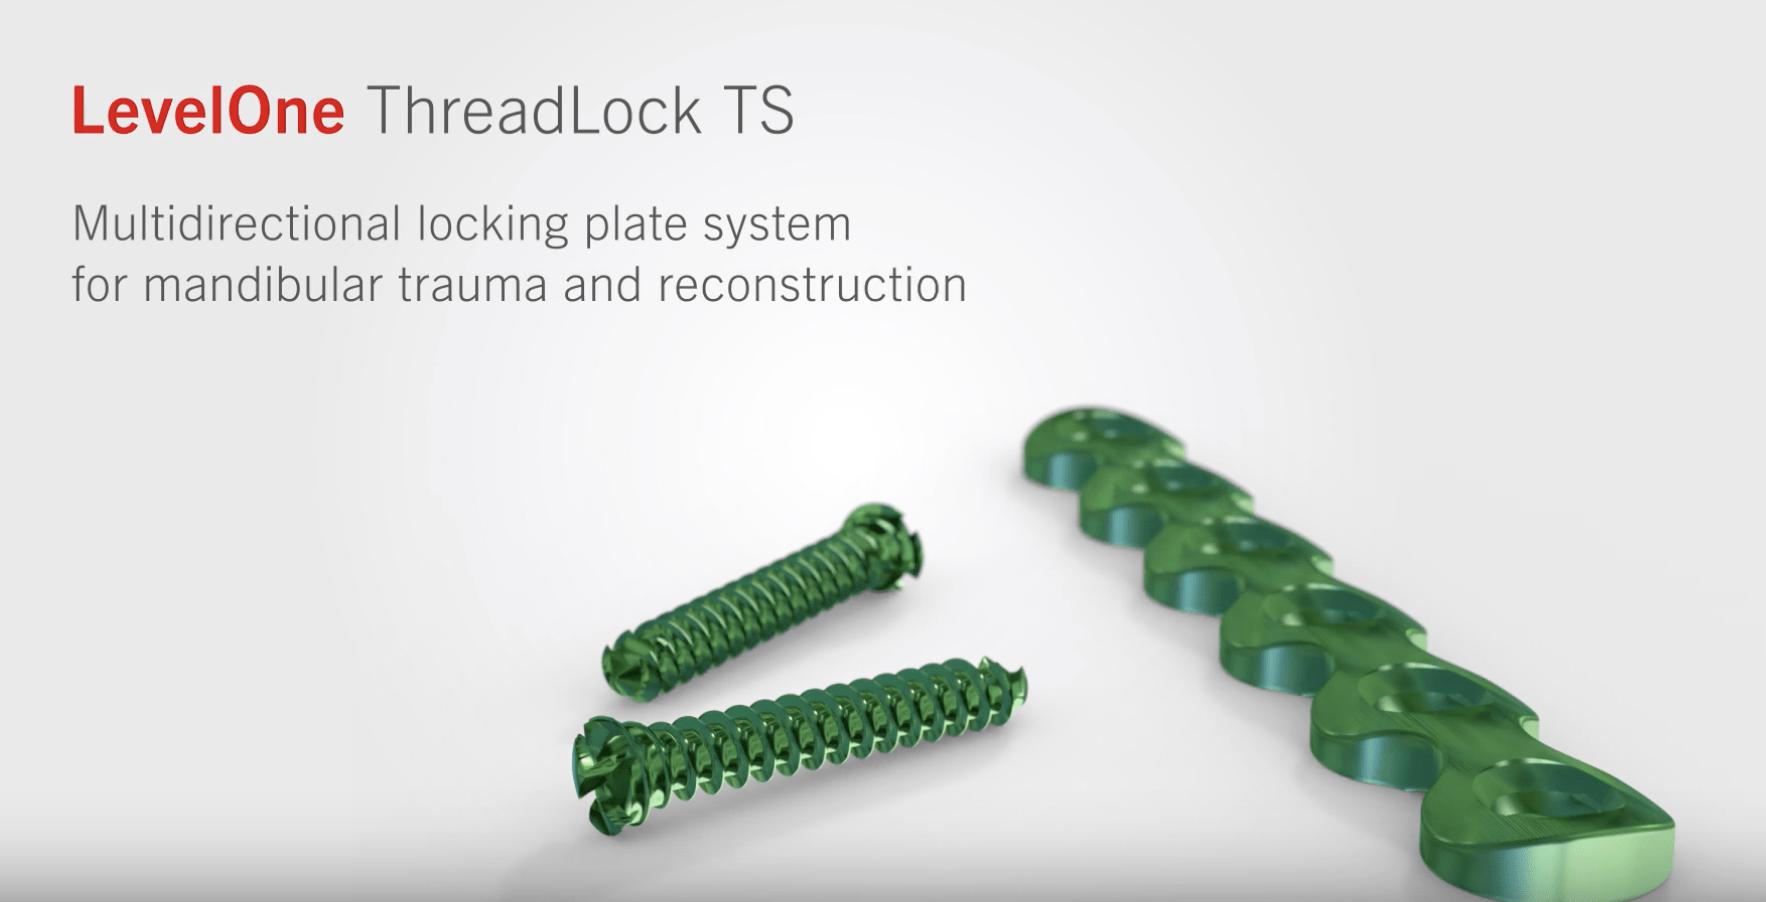 Het ThreadLock TS-systeem van KLS Martin